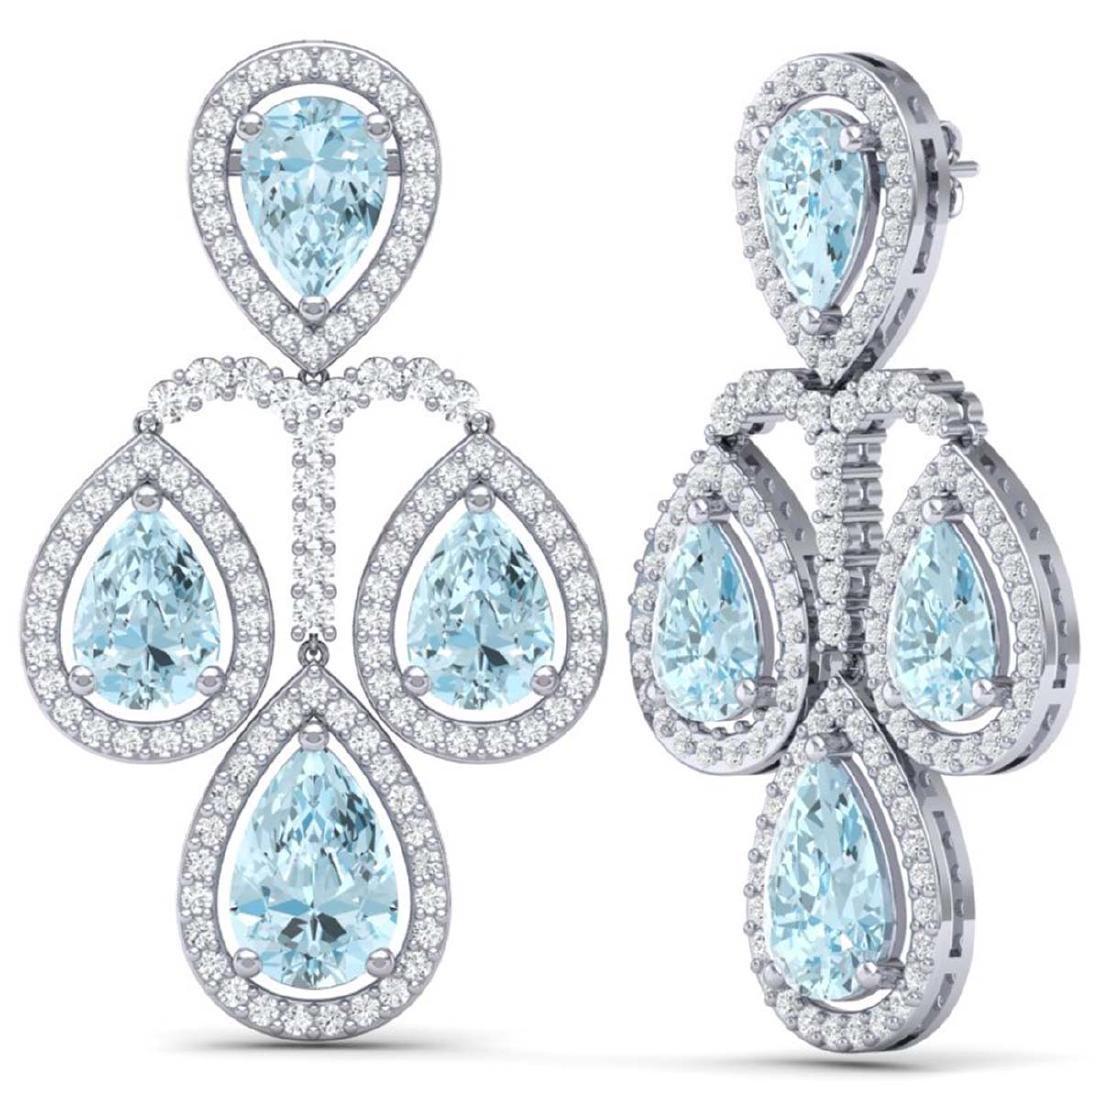 30.54 CTW Royalty Sky Topaz & VS Diamond Earrings 18K - 3